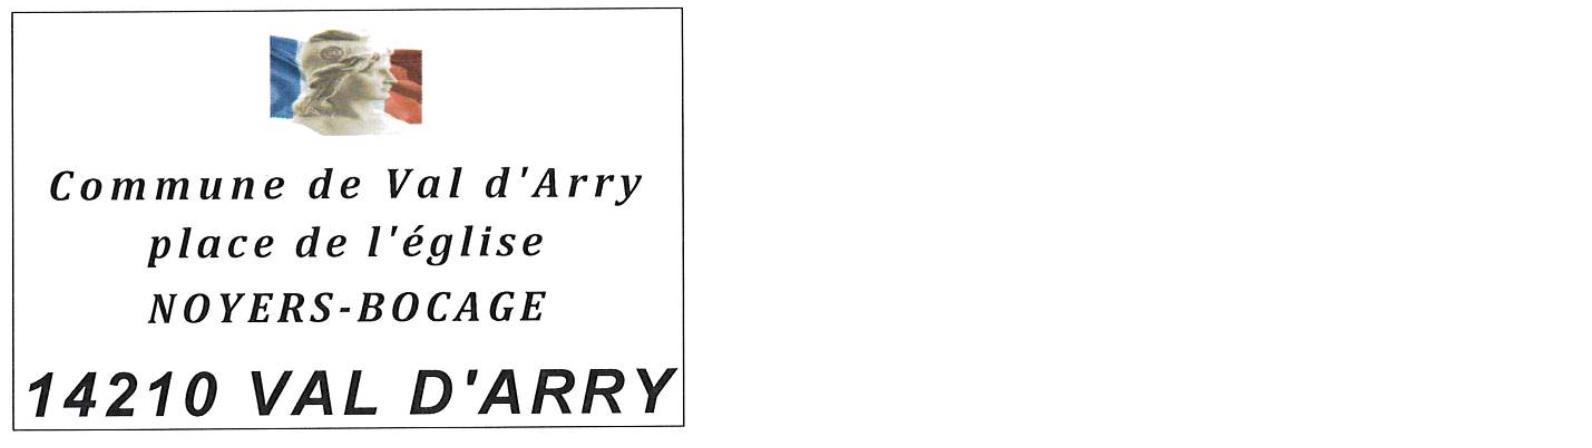 Logo mairie de val d arry